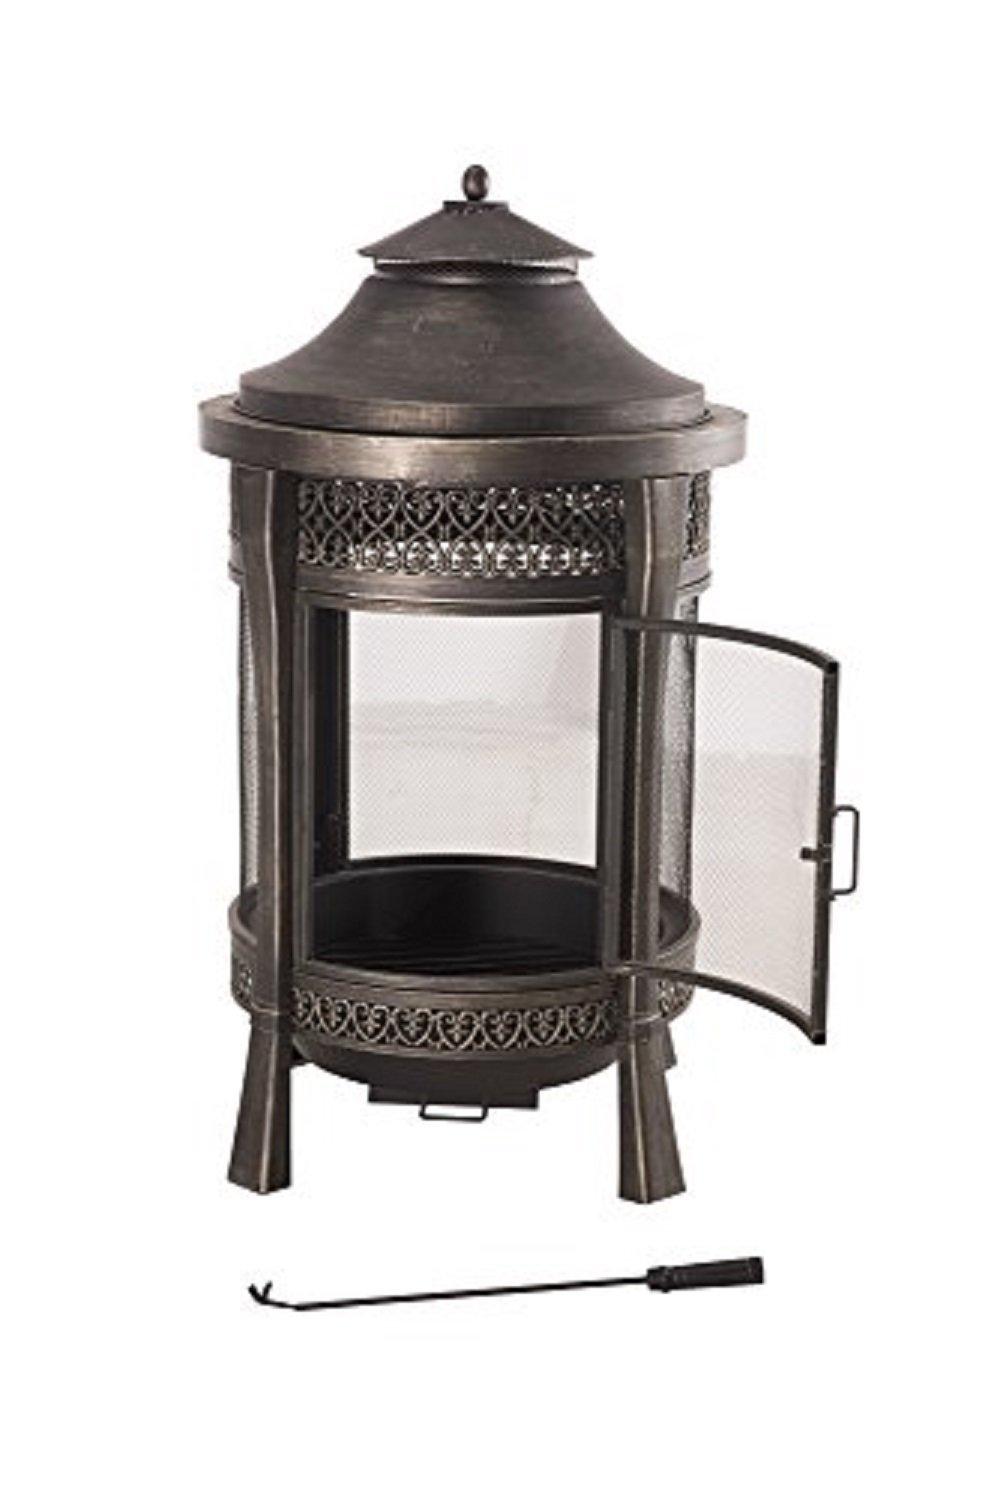 amazon com sunjoy large cast steel outdoor fireplace 62